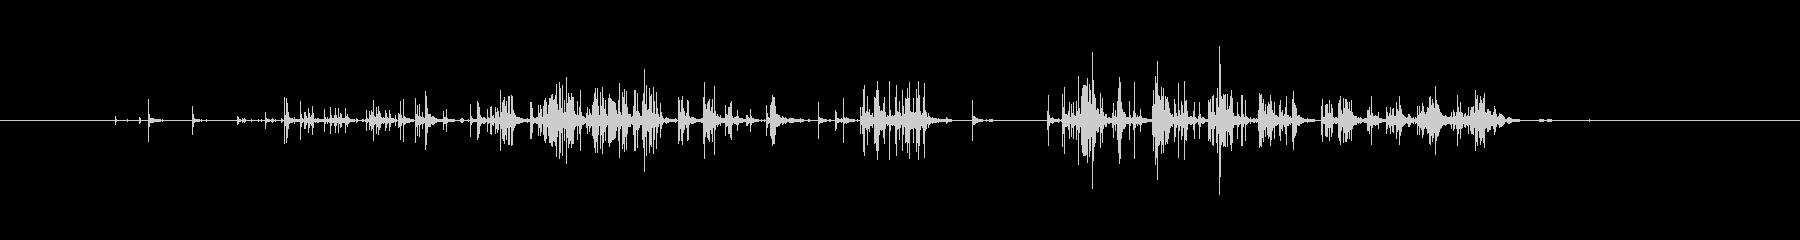 ボクシング グローブオープンベルクロ04の未再生の波形